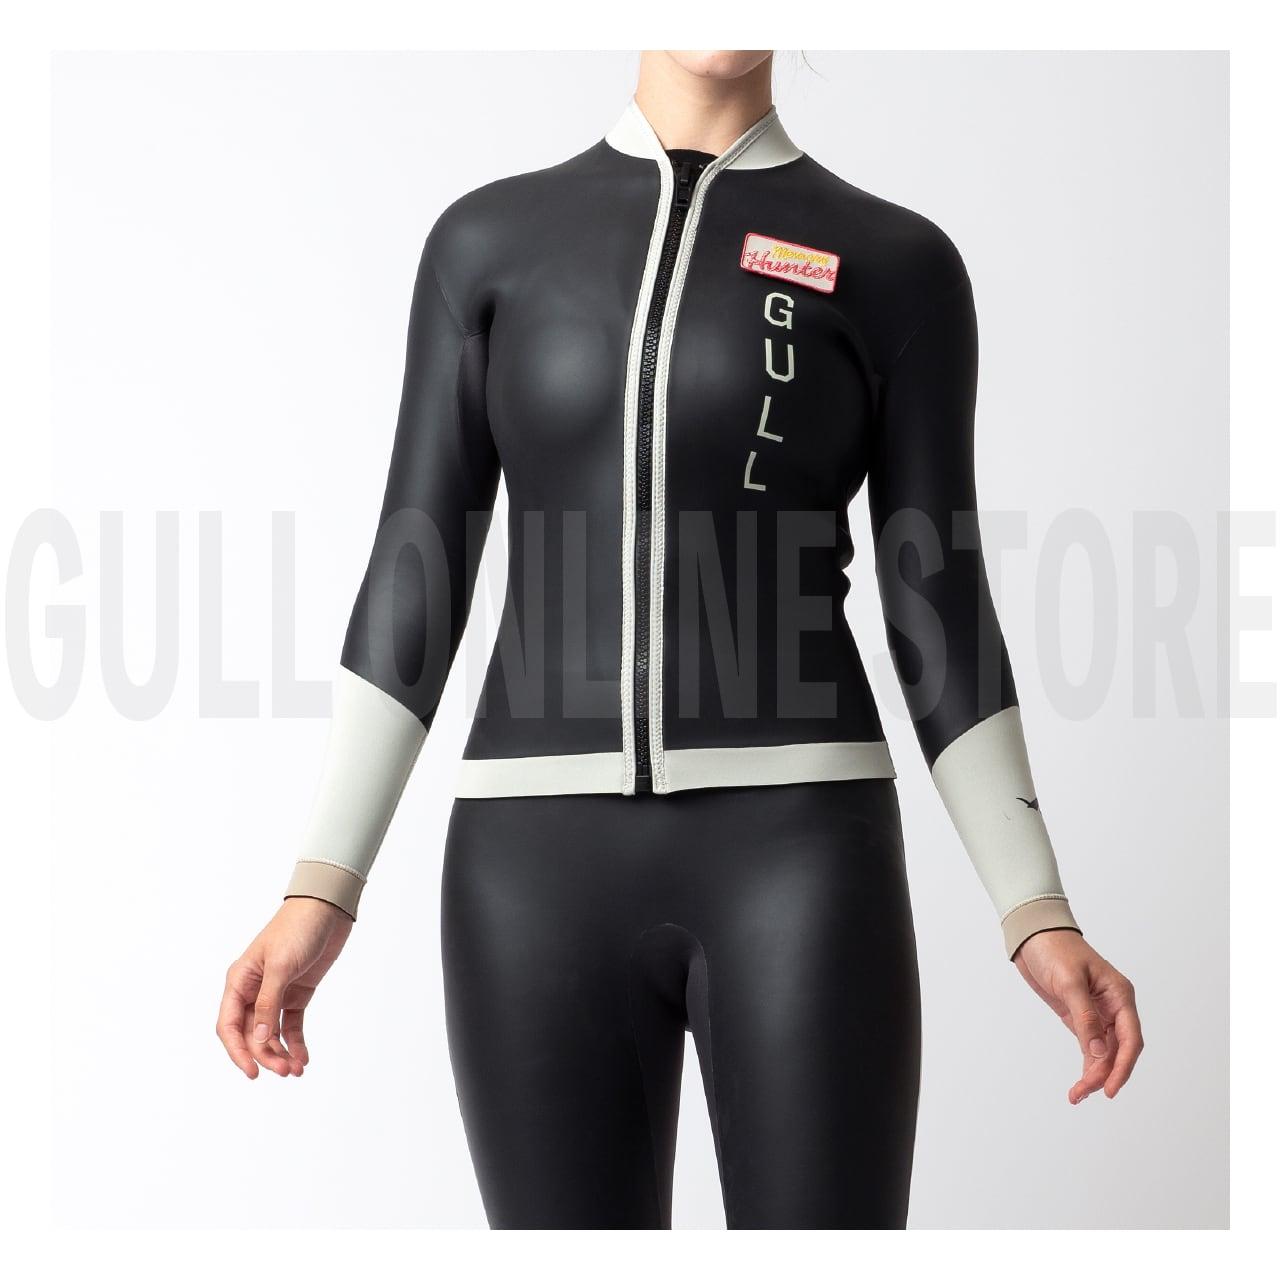 3mmスキンタッパー ウィメンズ [BSFR] GULL ガル ウエットスーツ